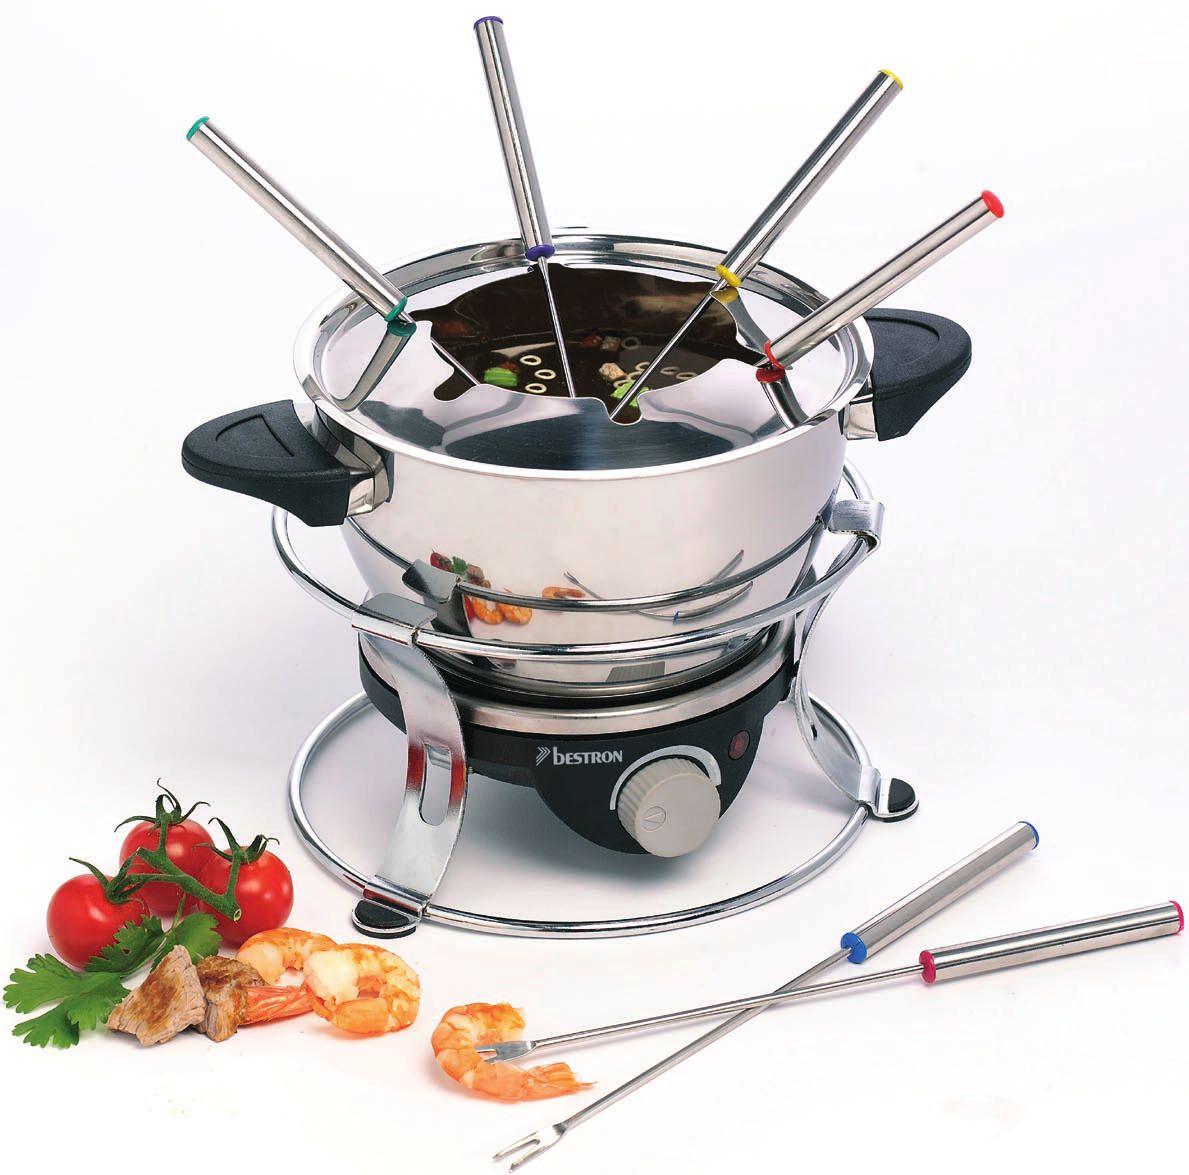 Culture d sinvolture et pluchures page 467 supertoinette - Appareil a fondue bourguignonne ...